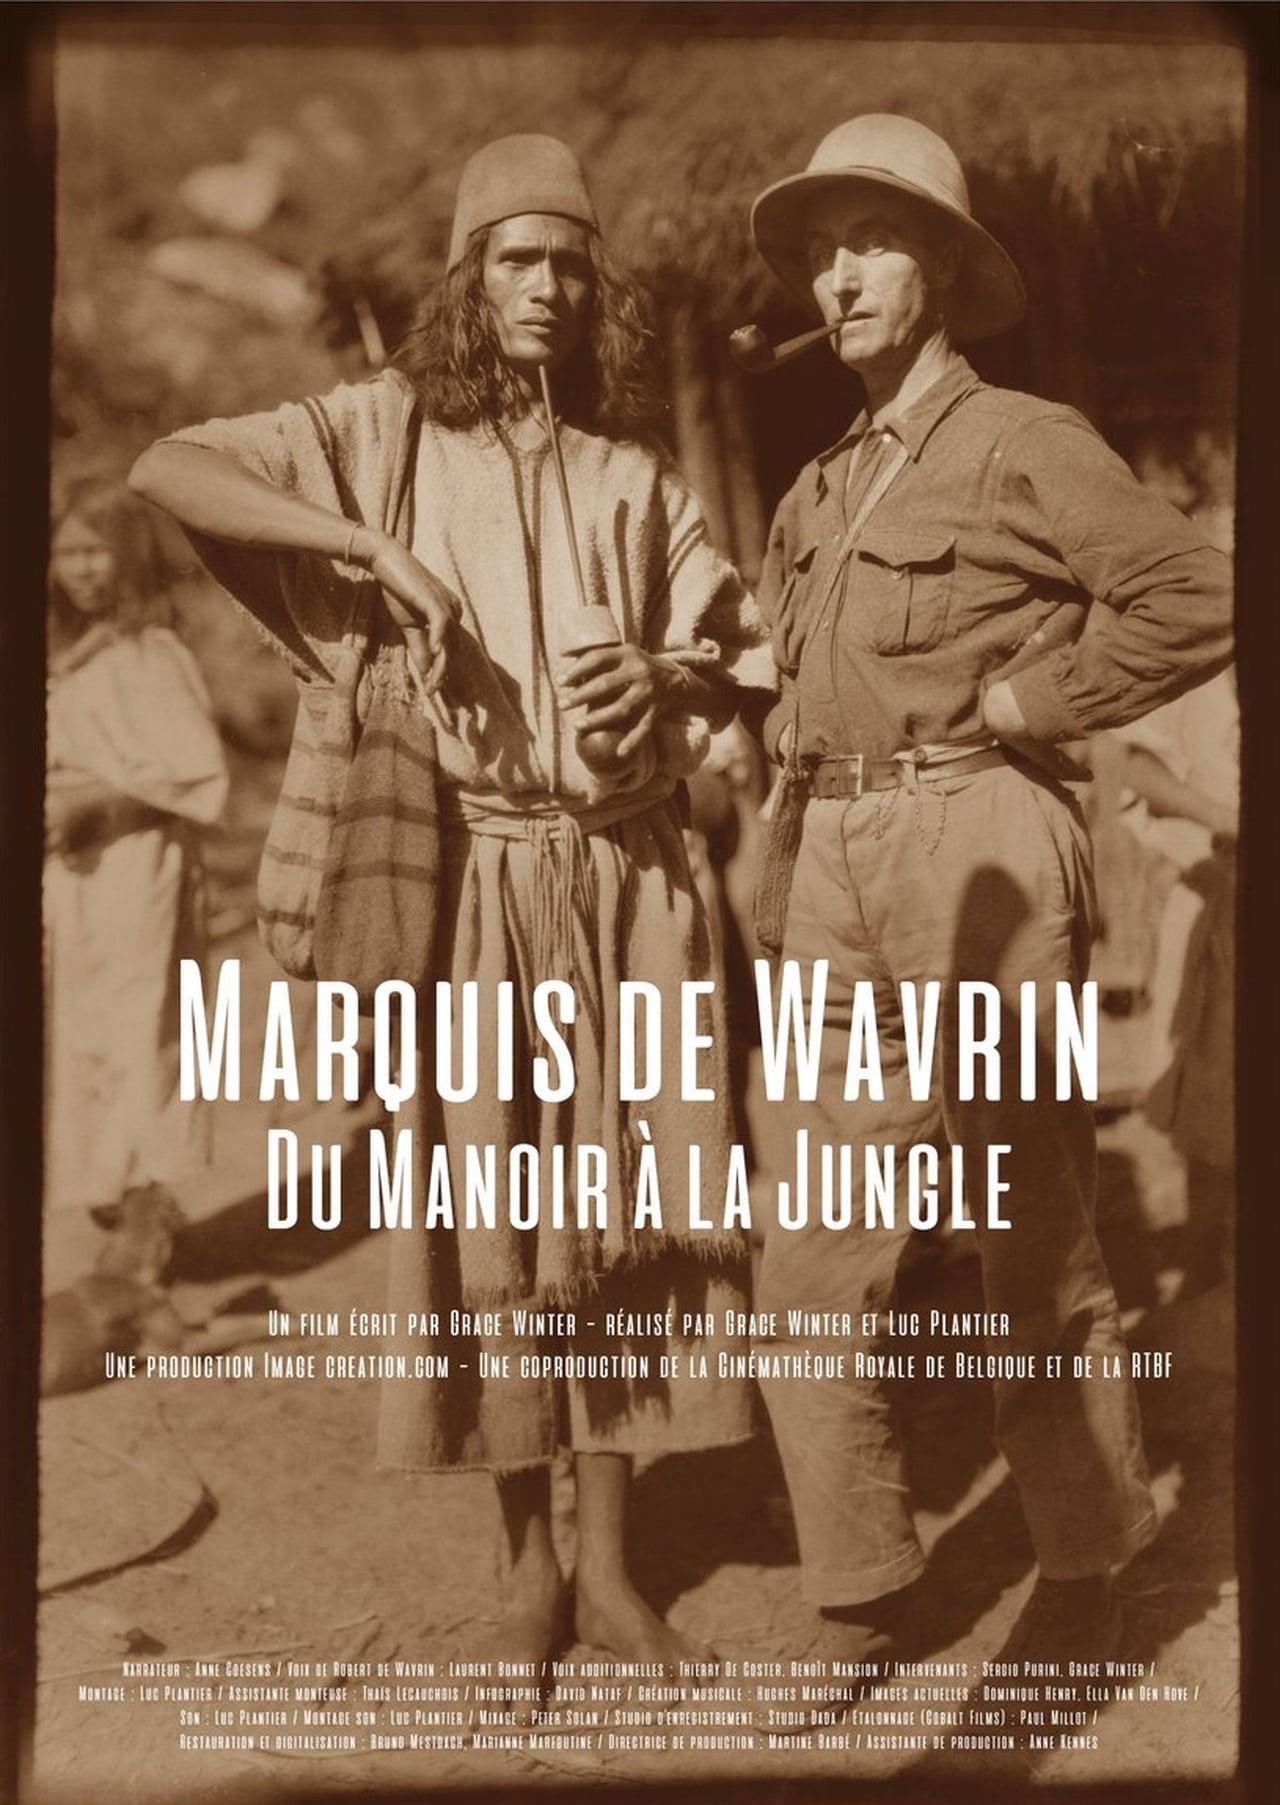 Marquis de Wavrin, du manoir à la jungle